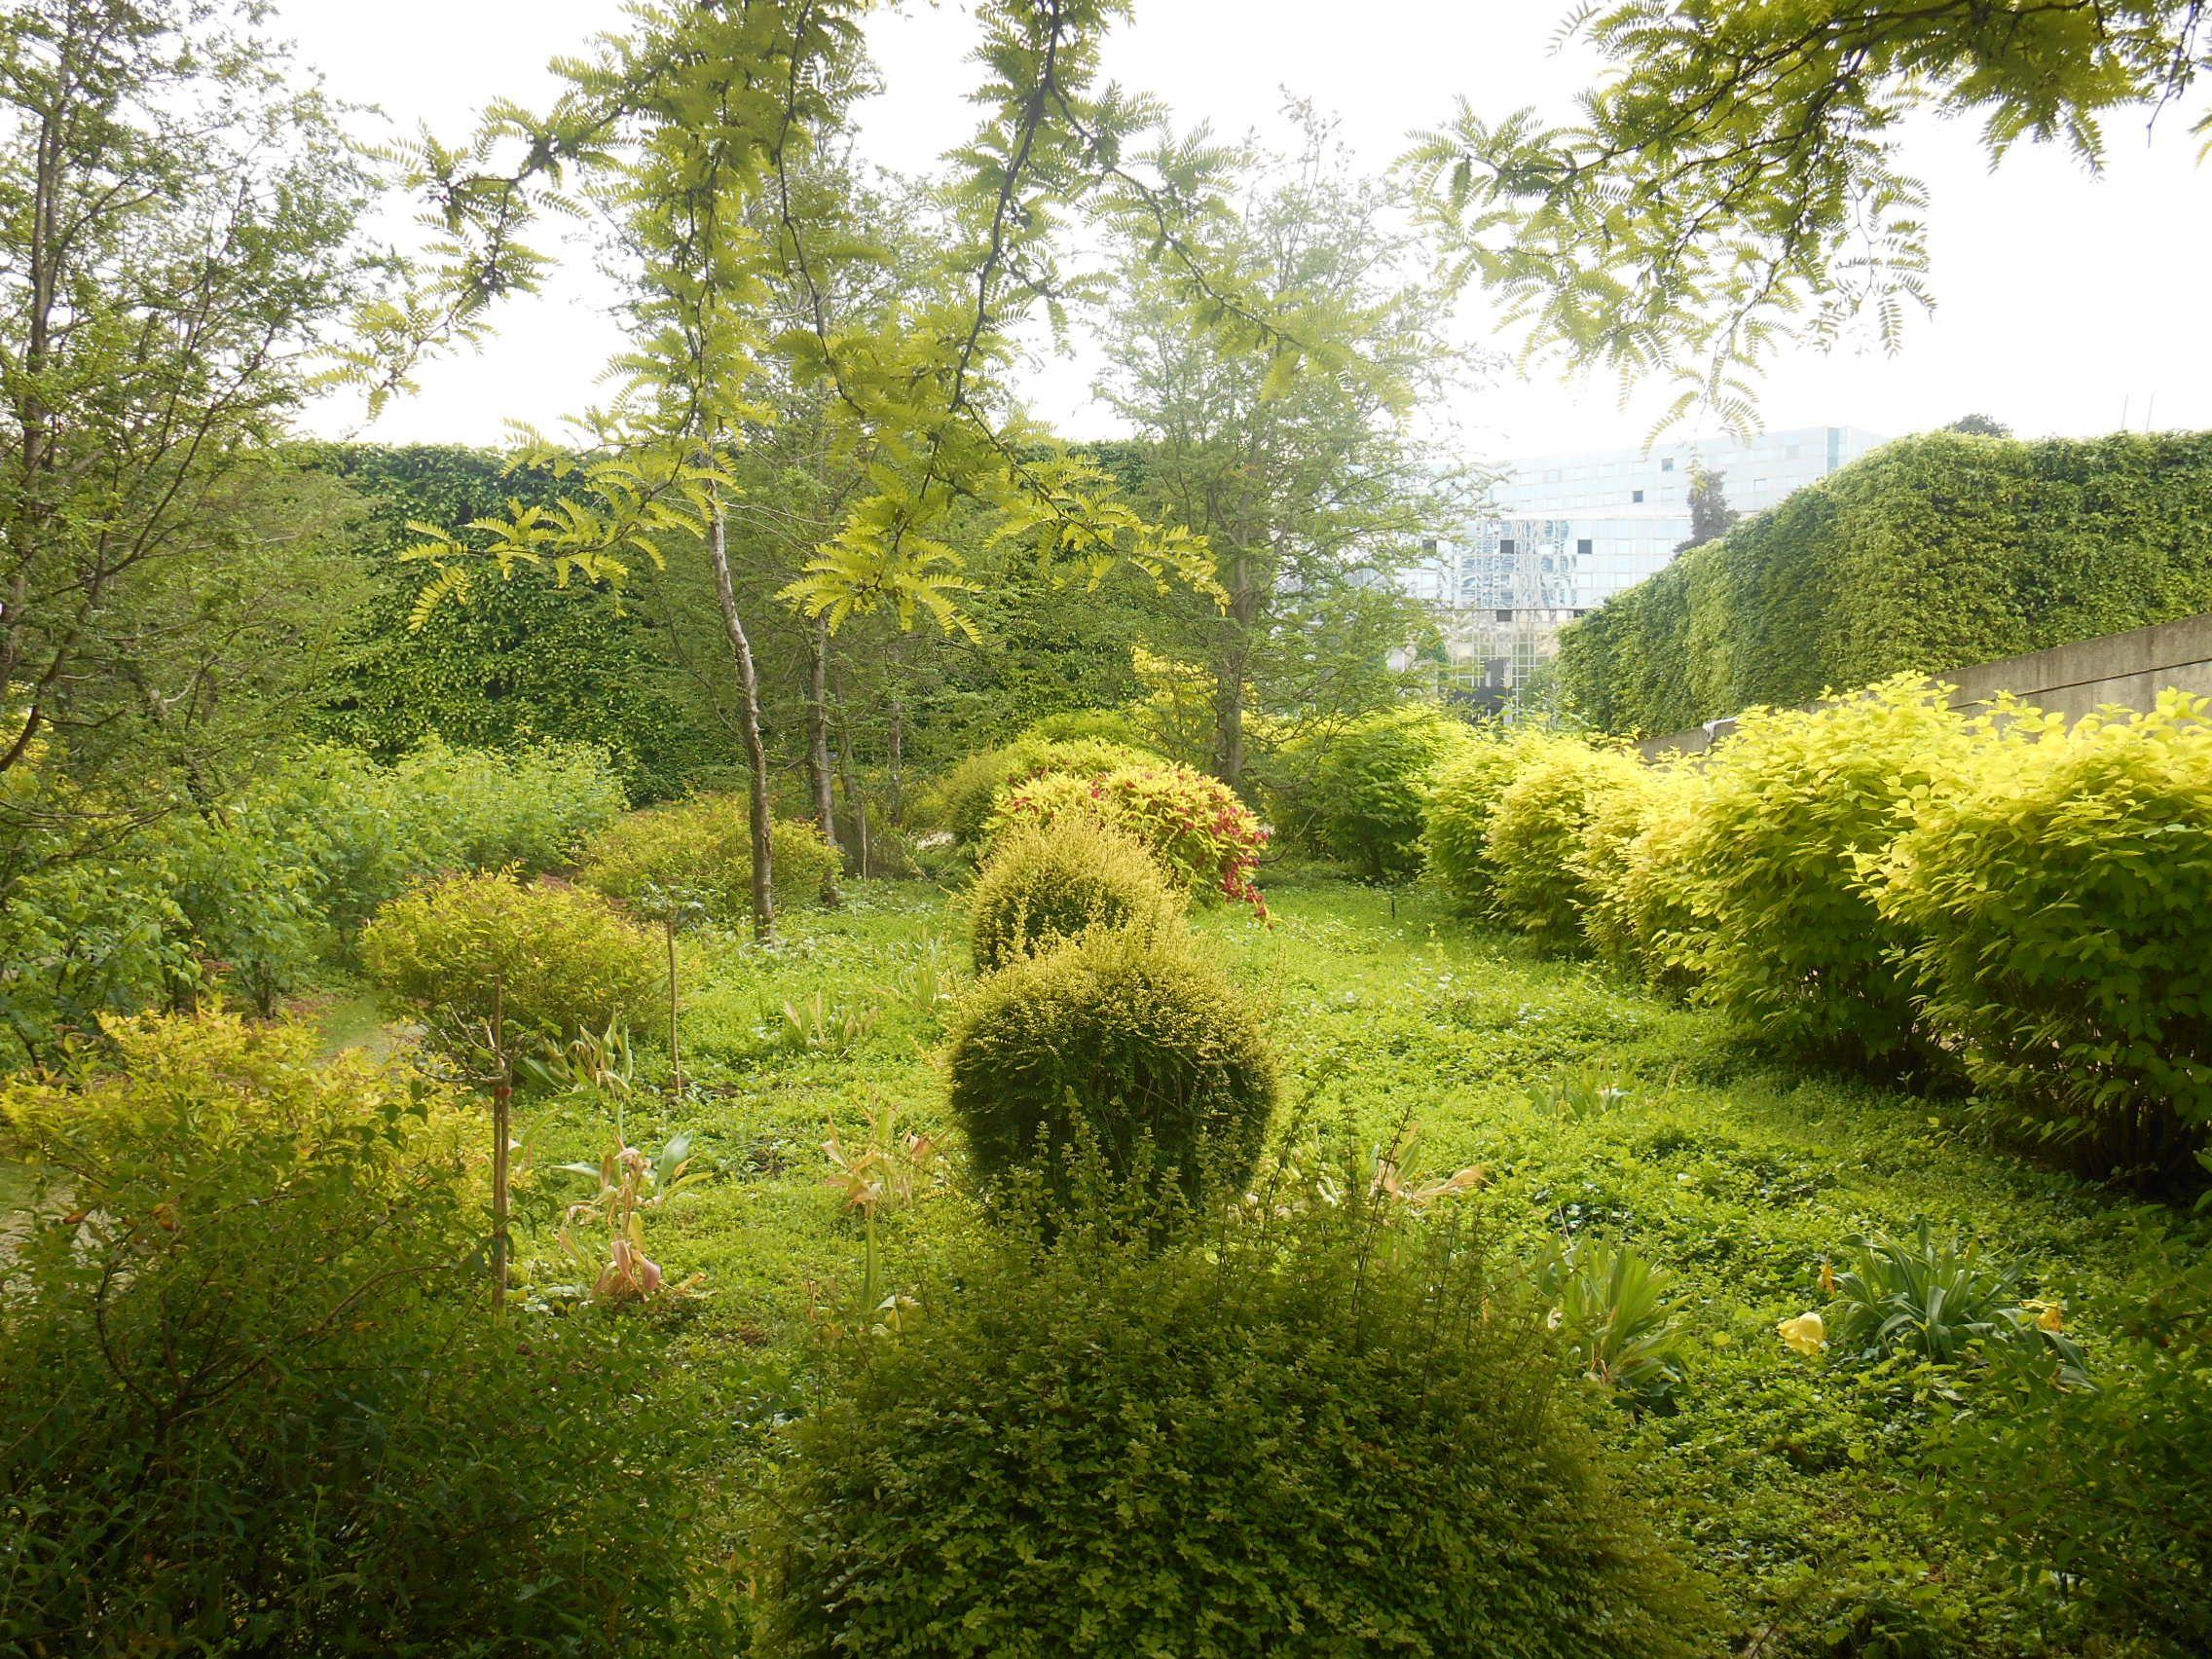 Un jardin enti¨rement jaune doré au parc André Citro n Ses